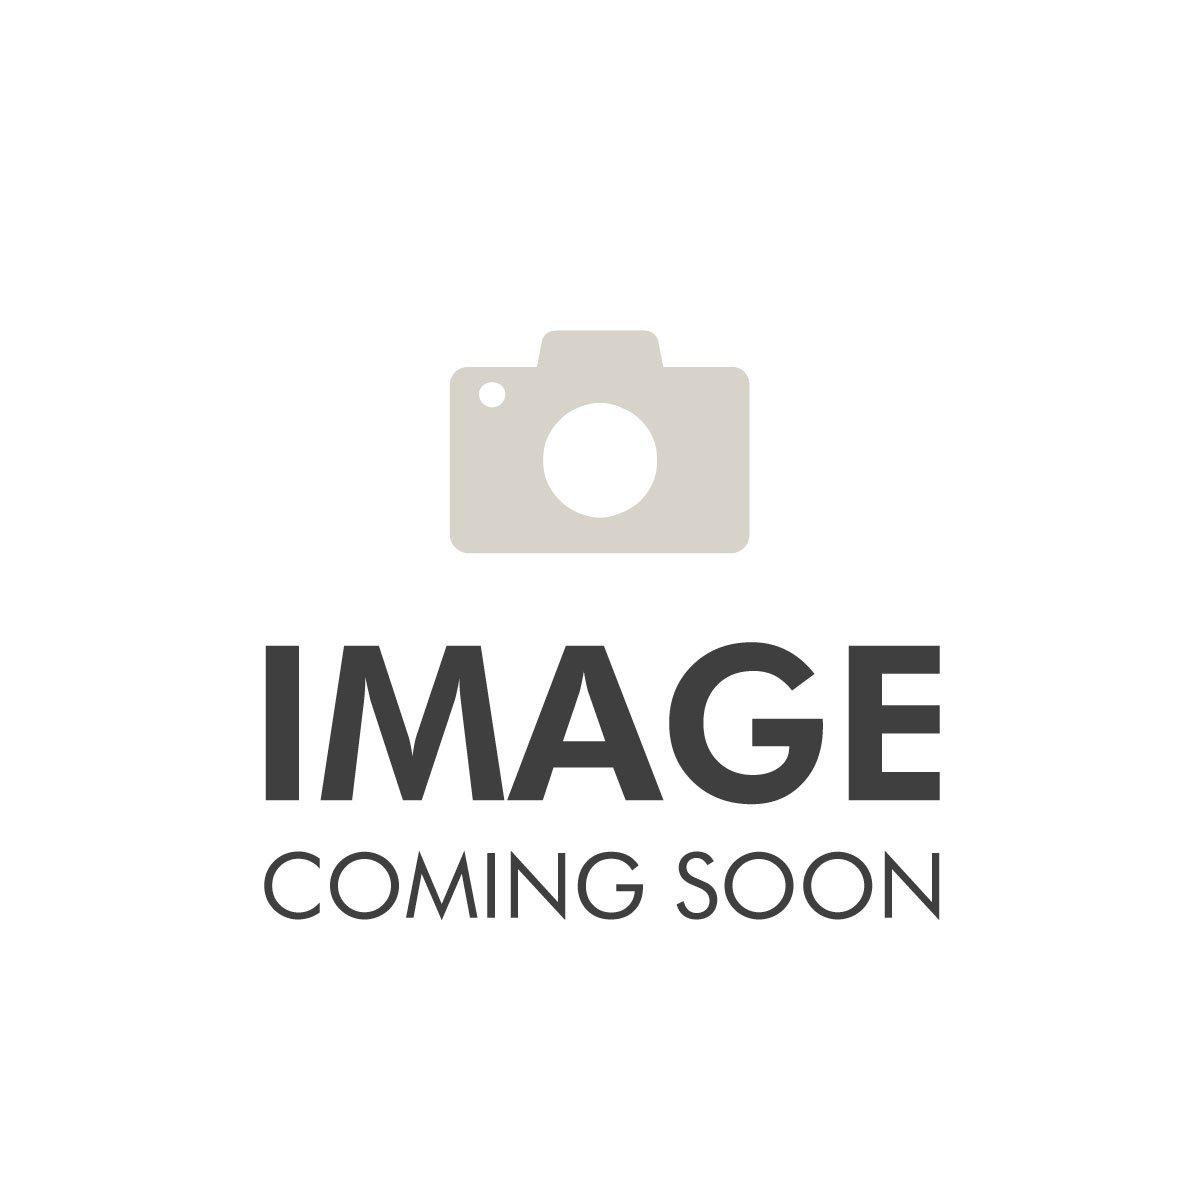 Thierry Mugler Alien Gift Set 30ml EDP Refill + 50ml Body Lotion + 50ml Shower Gel